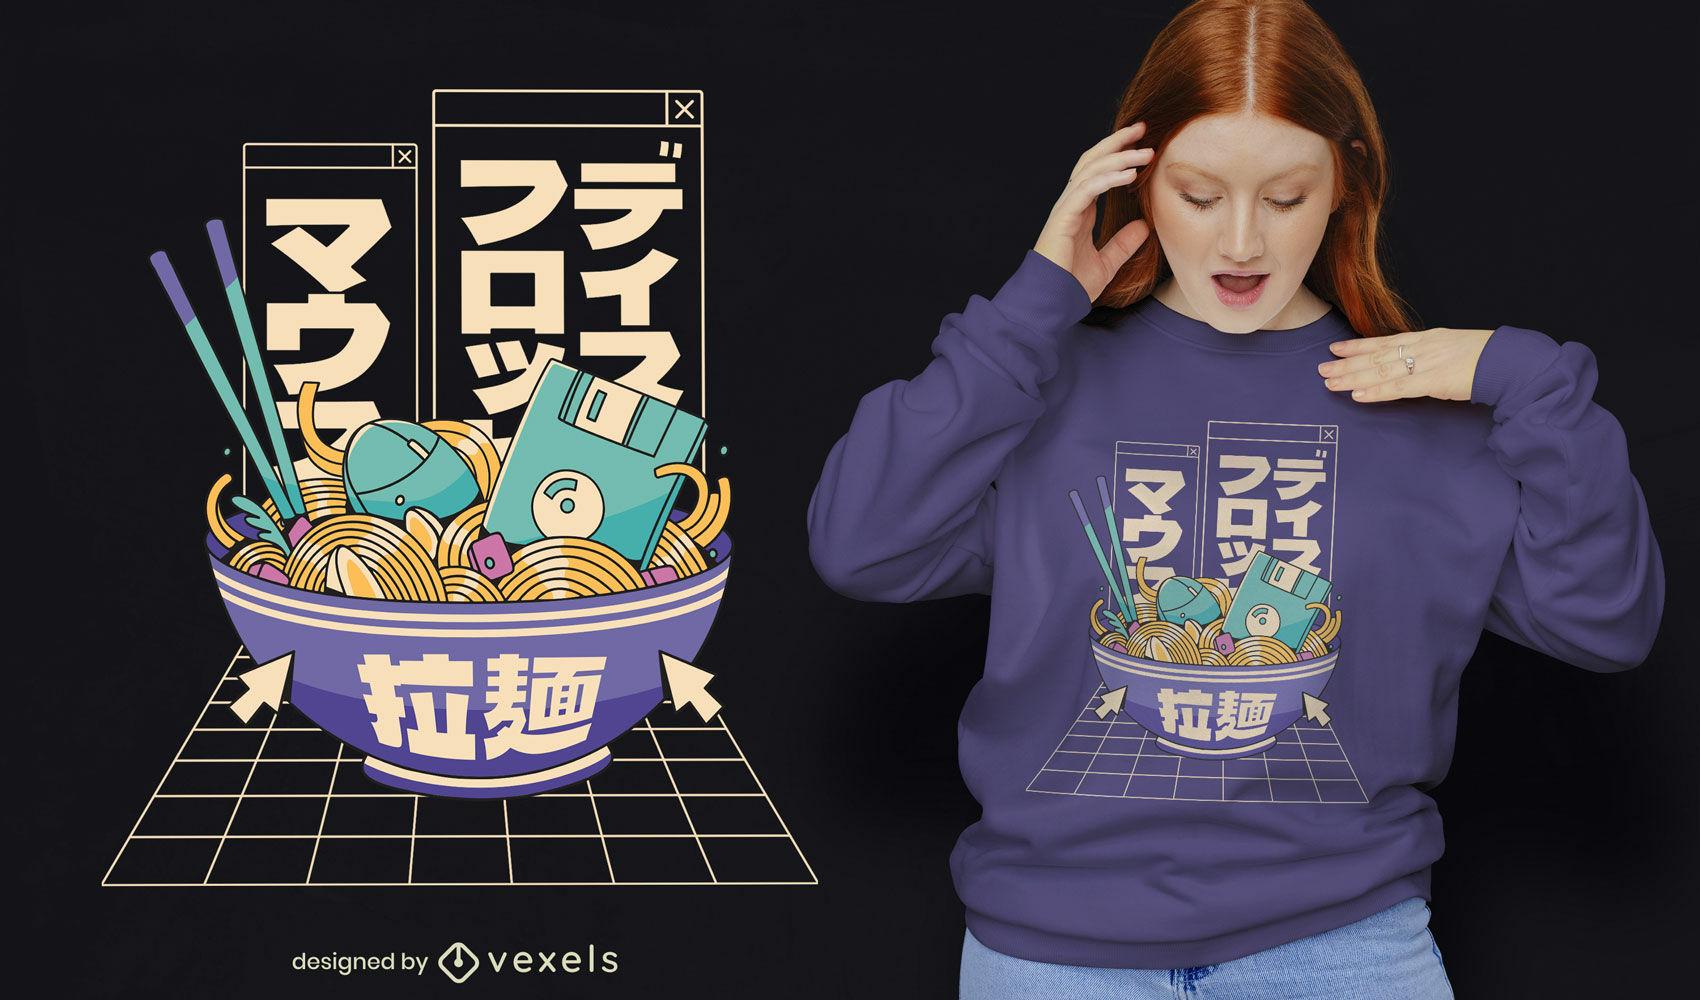 Dise?o de camiseta cool 90's tech ramen